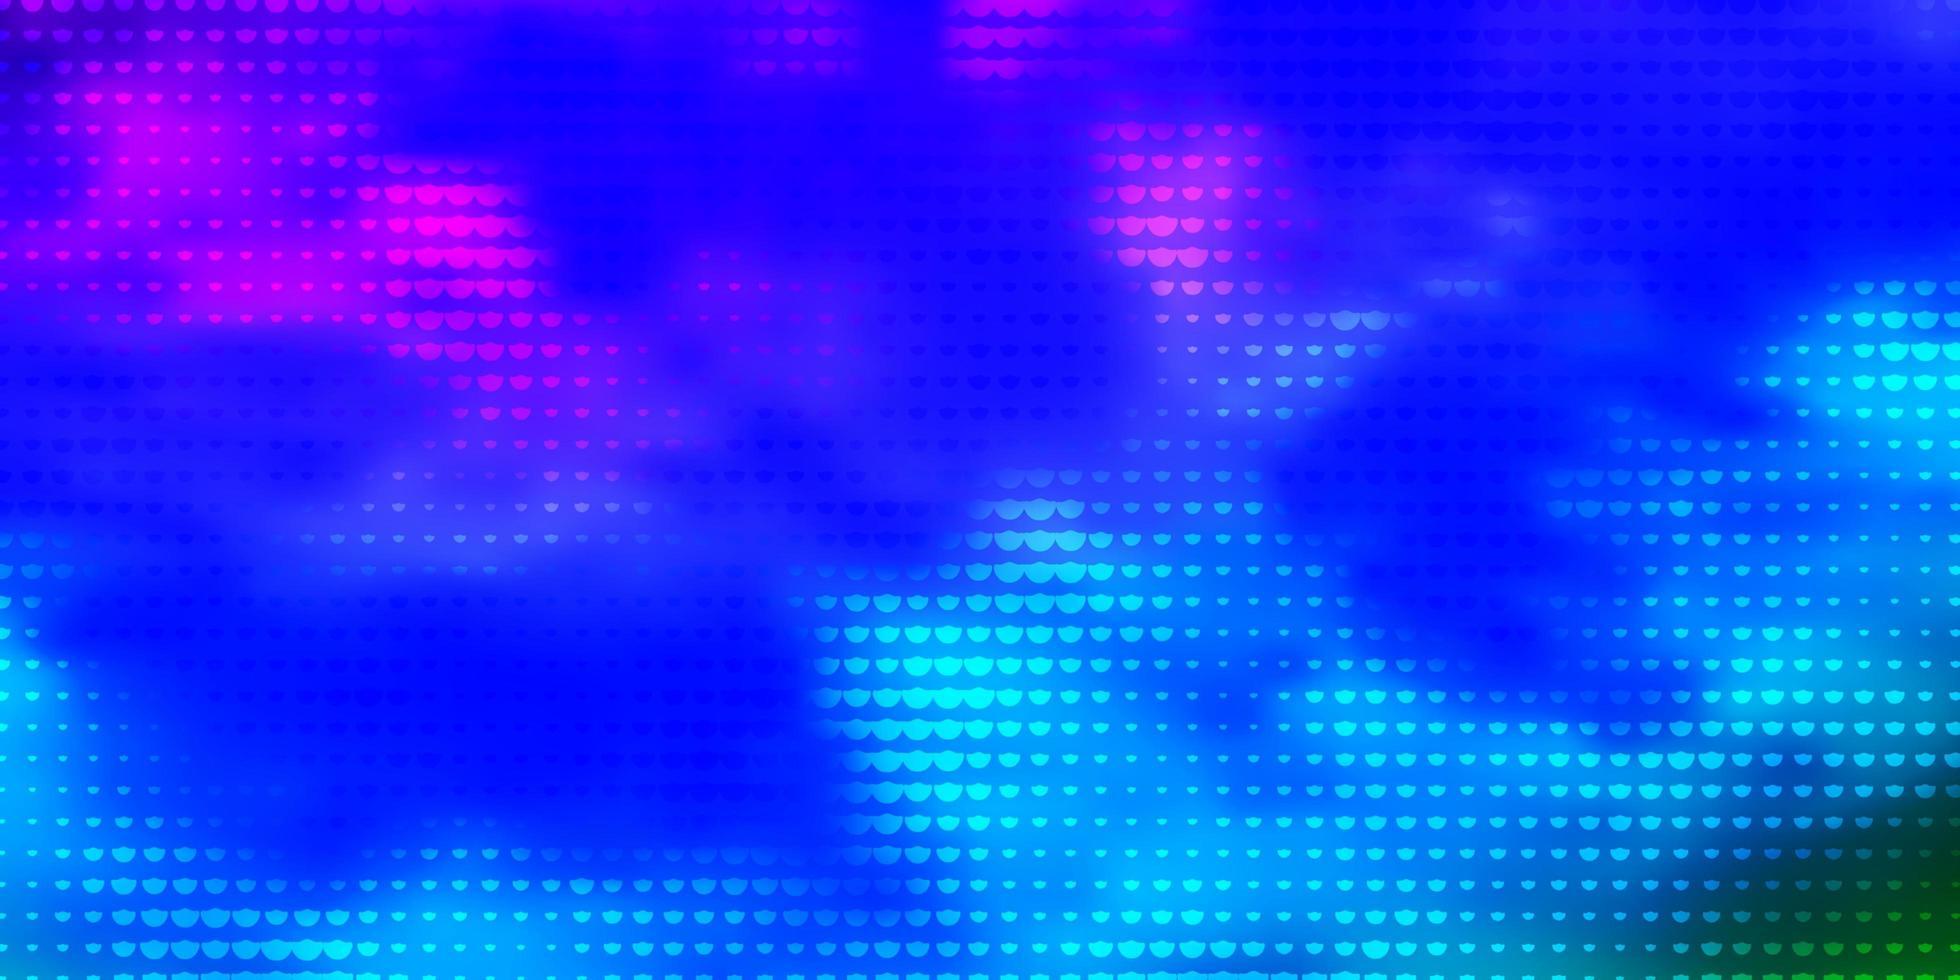 fond de vecteur multicolore clair avec des cercles.